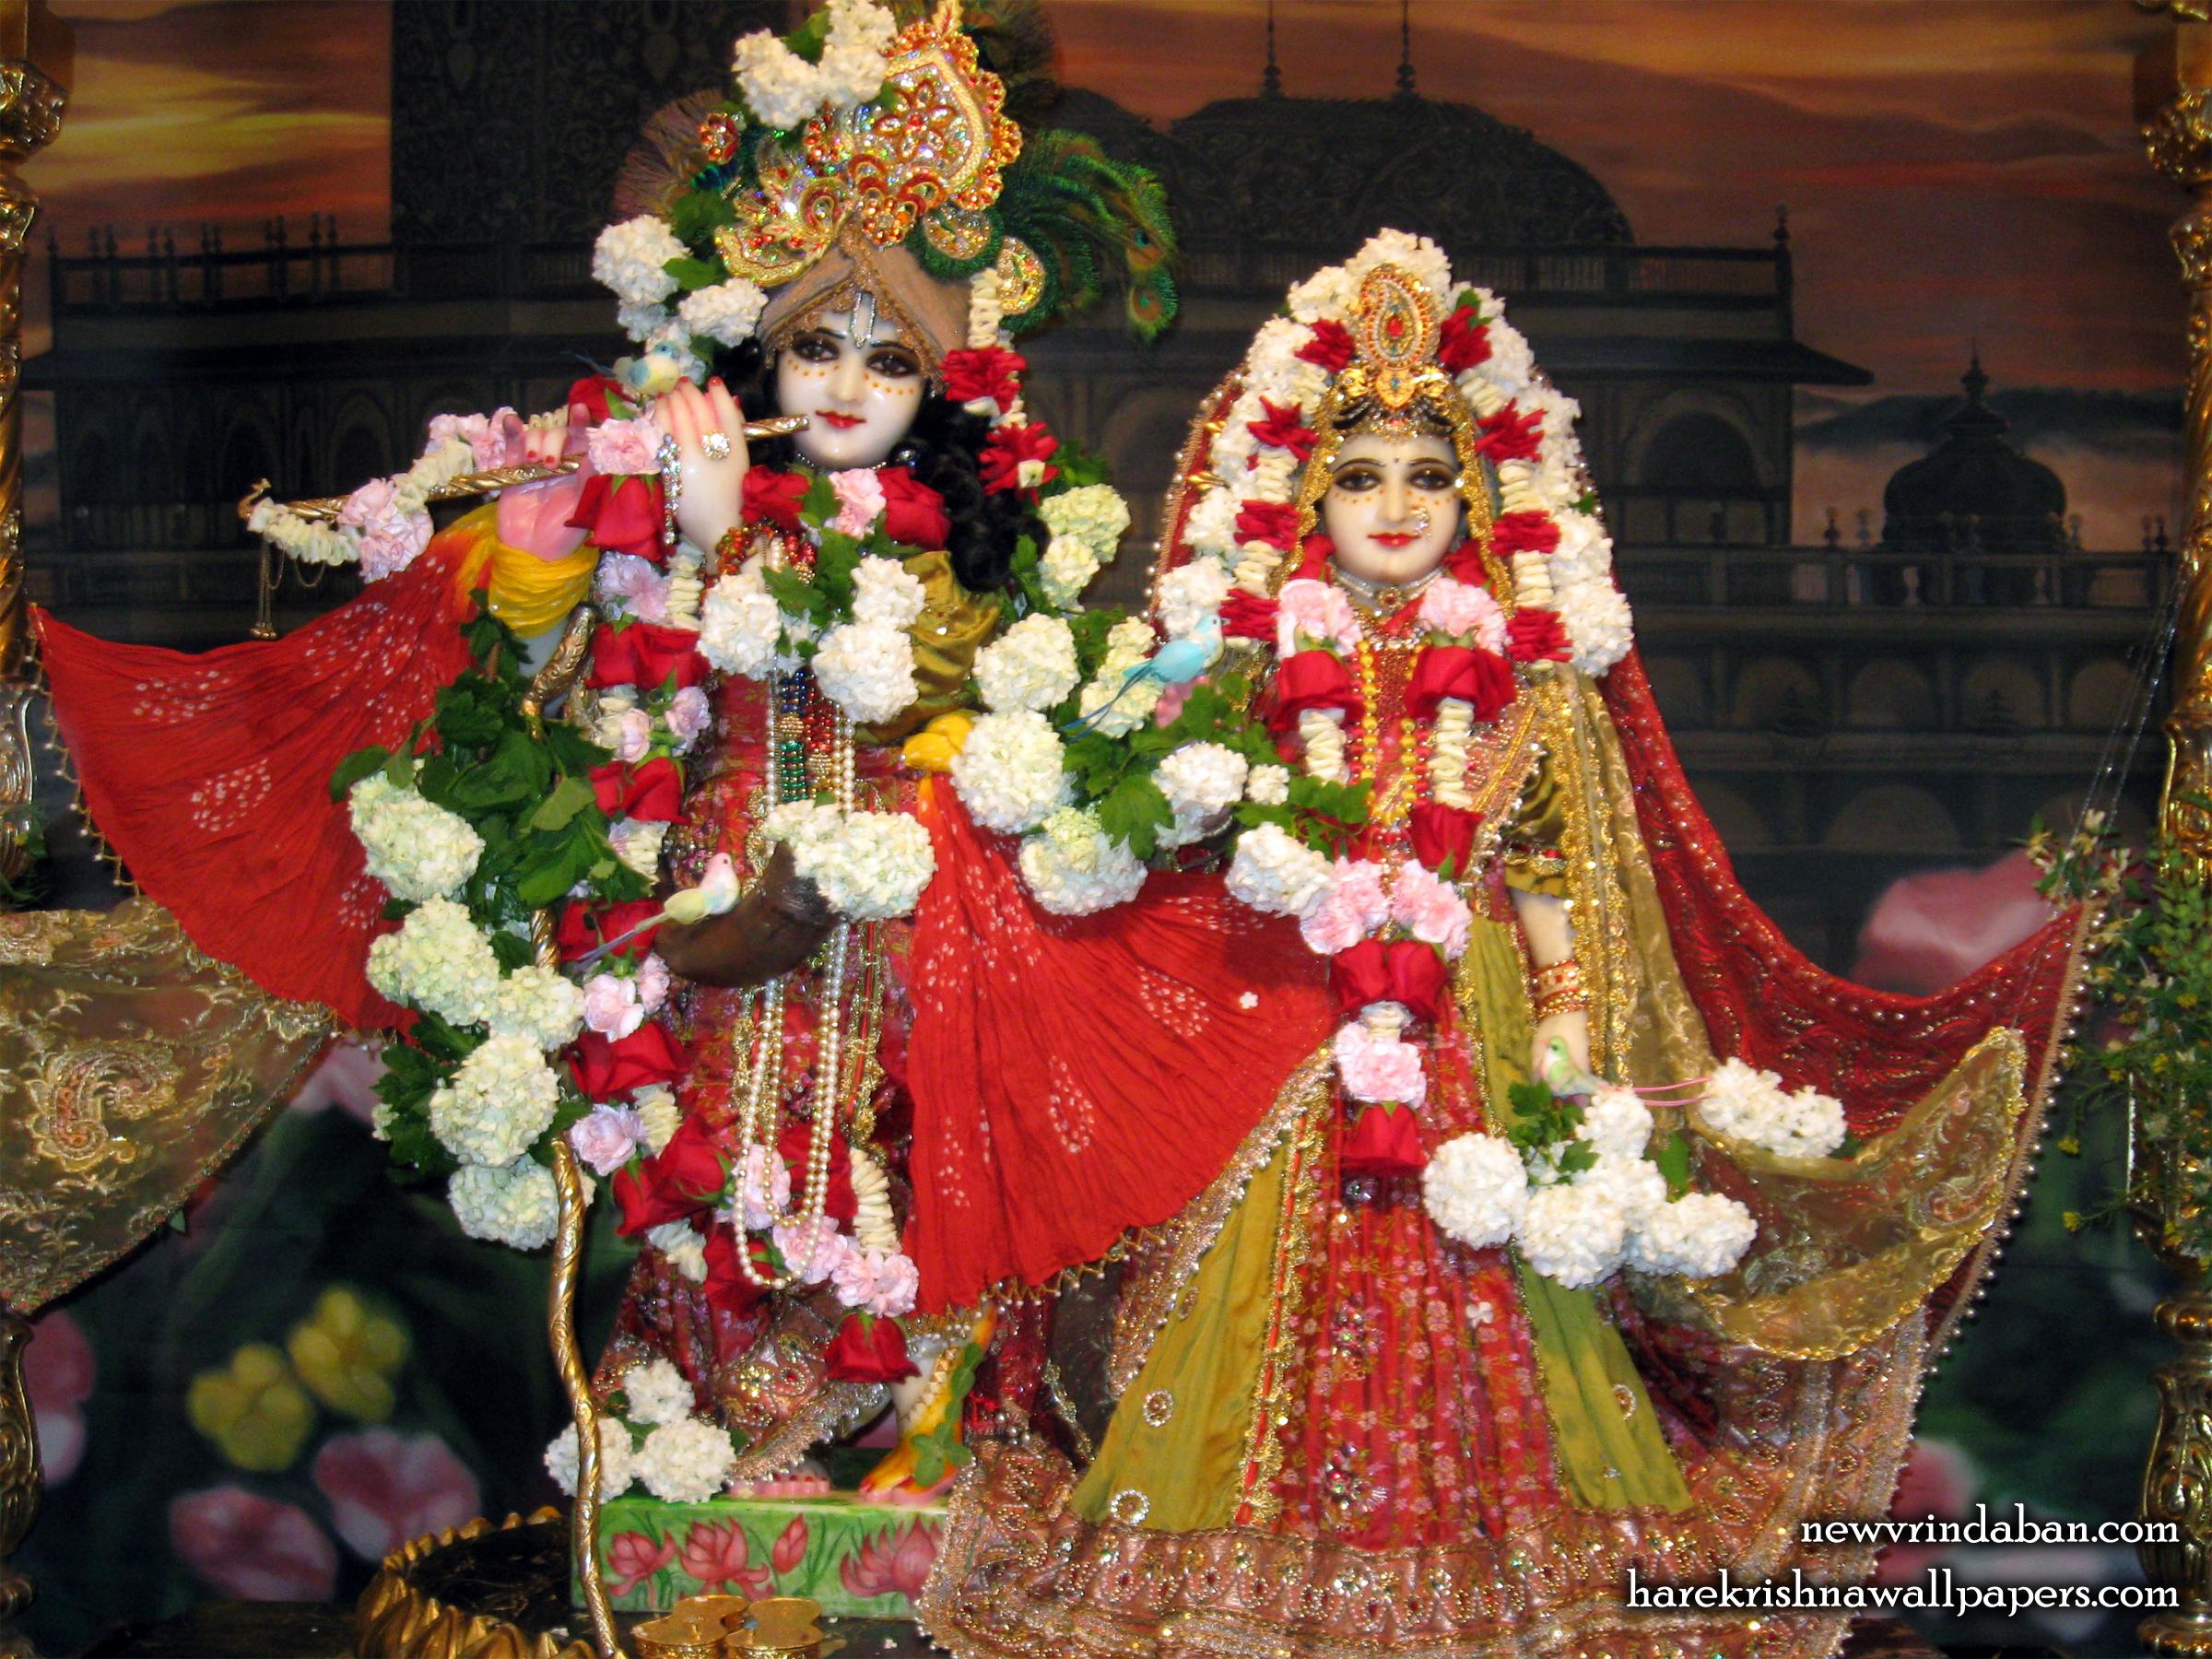 Sri Sri Radha Vrindavana Chandra Wallpaper (001) Size 2400x1800 Download